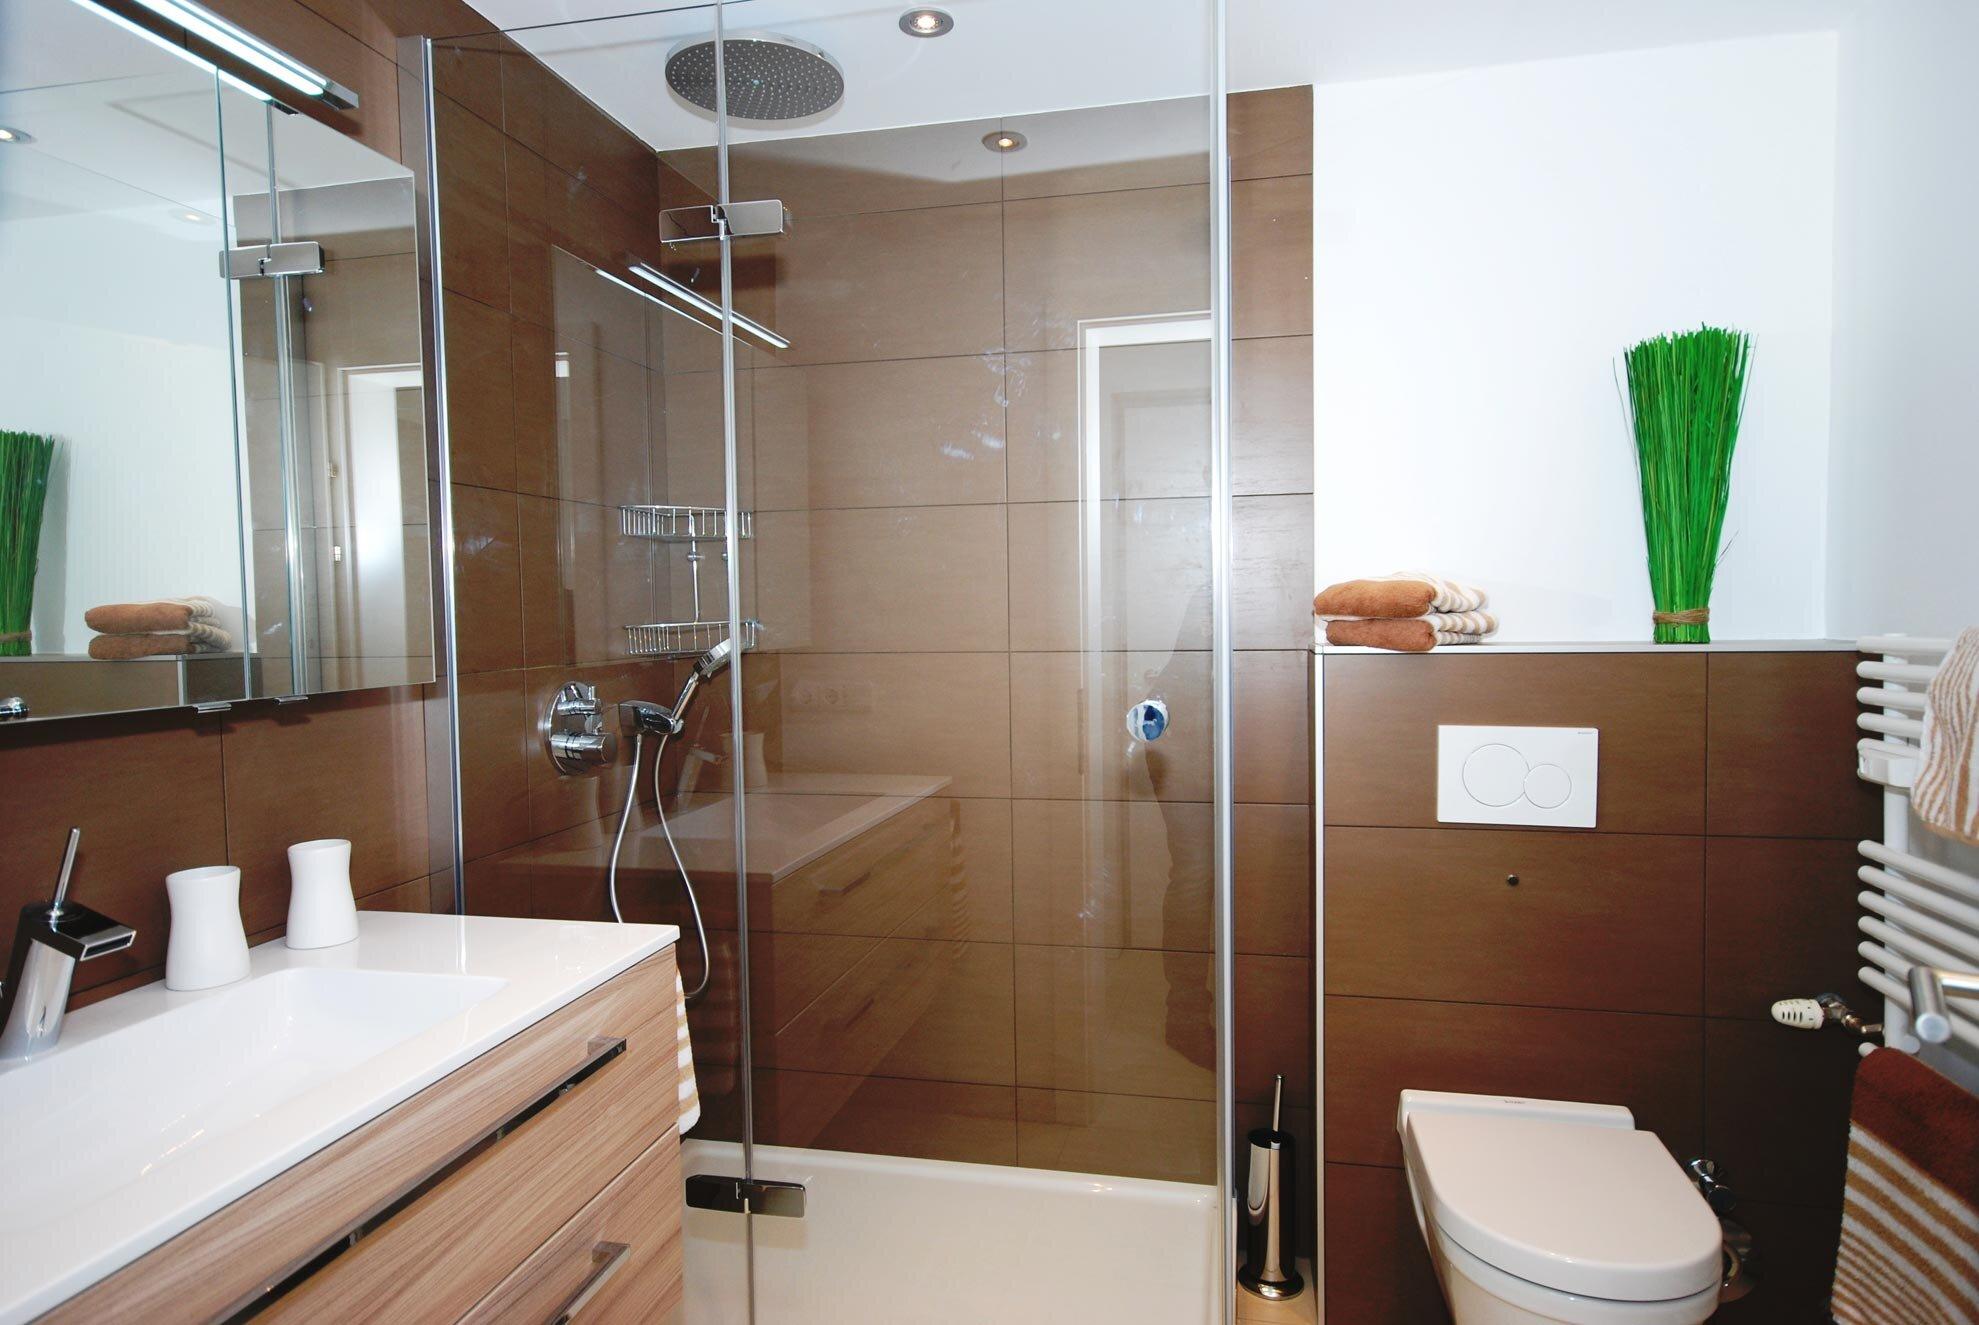 Badezimmer mit Raindance-Dusche